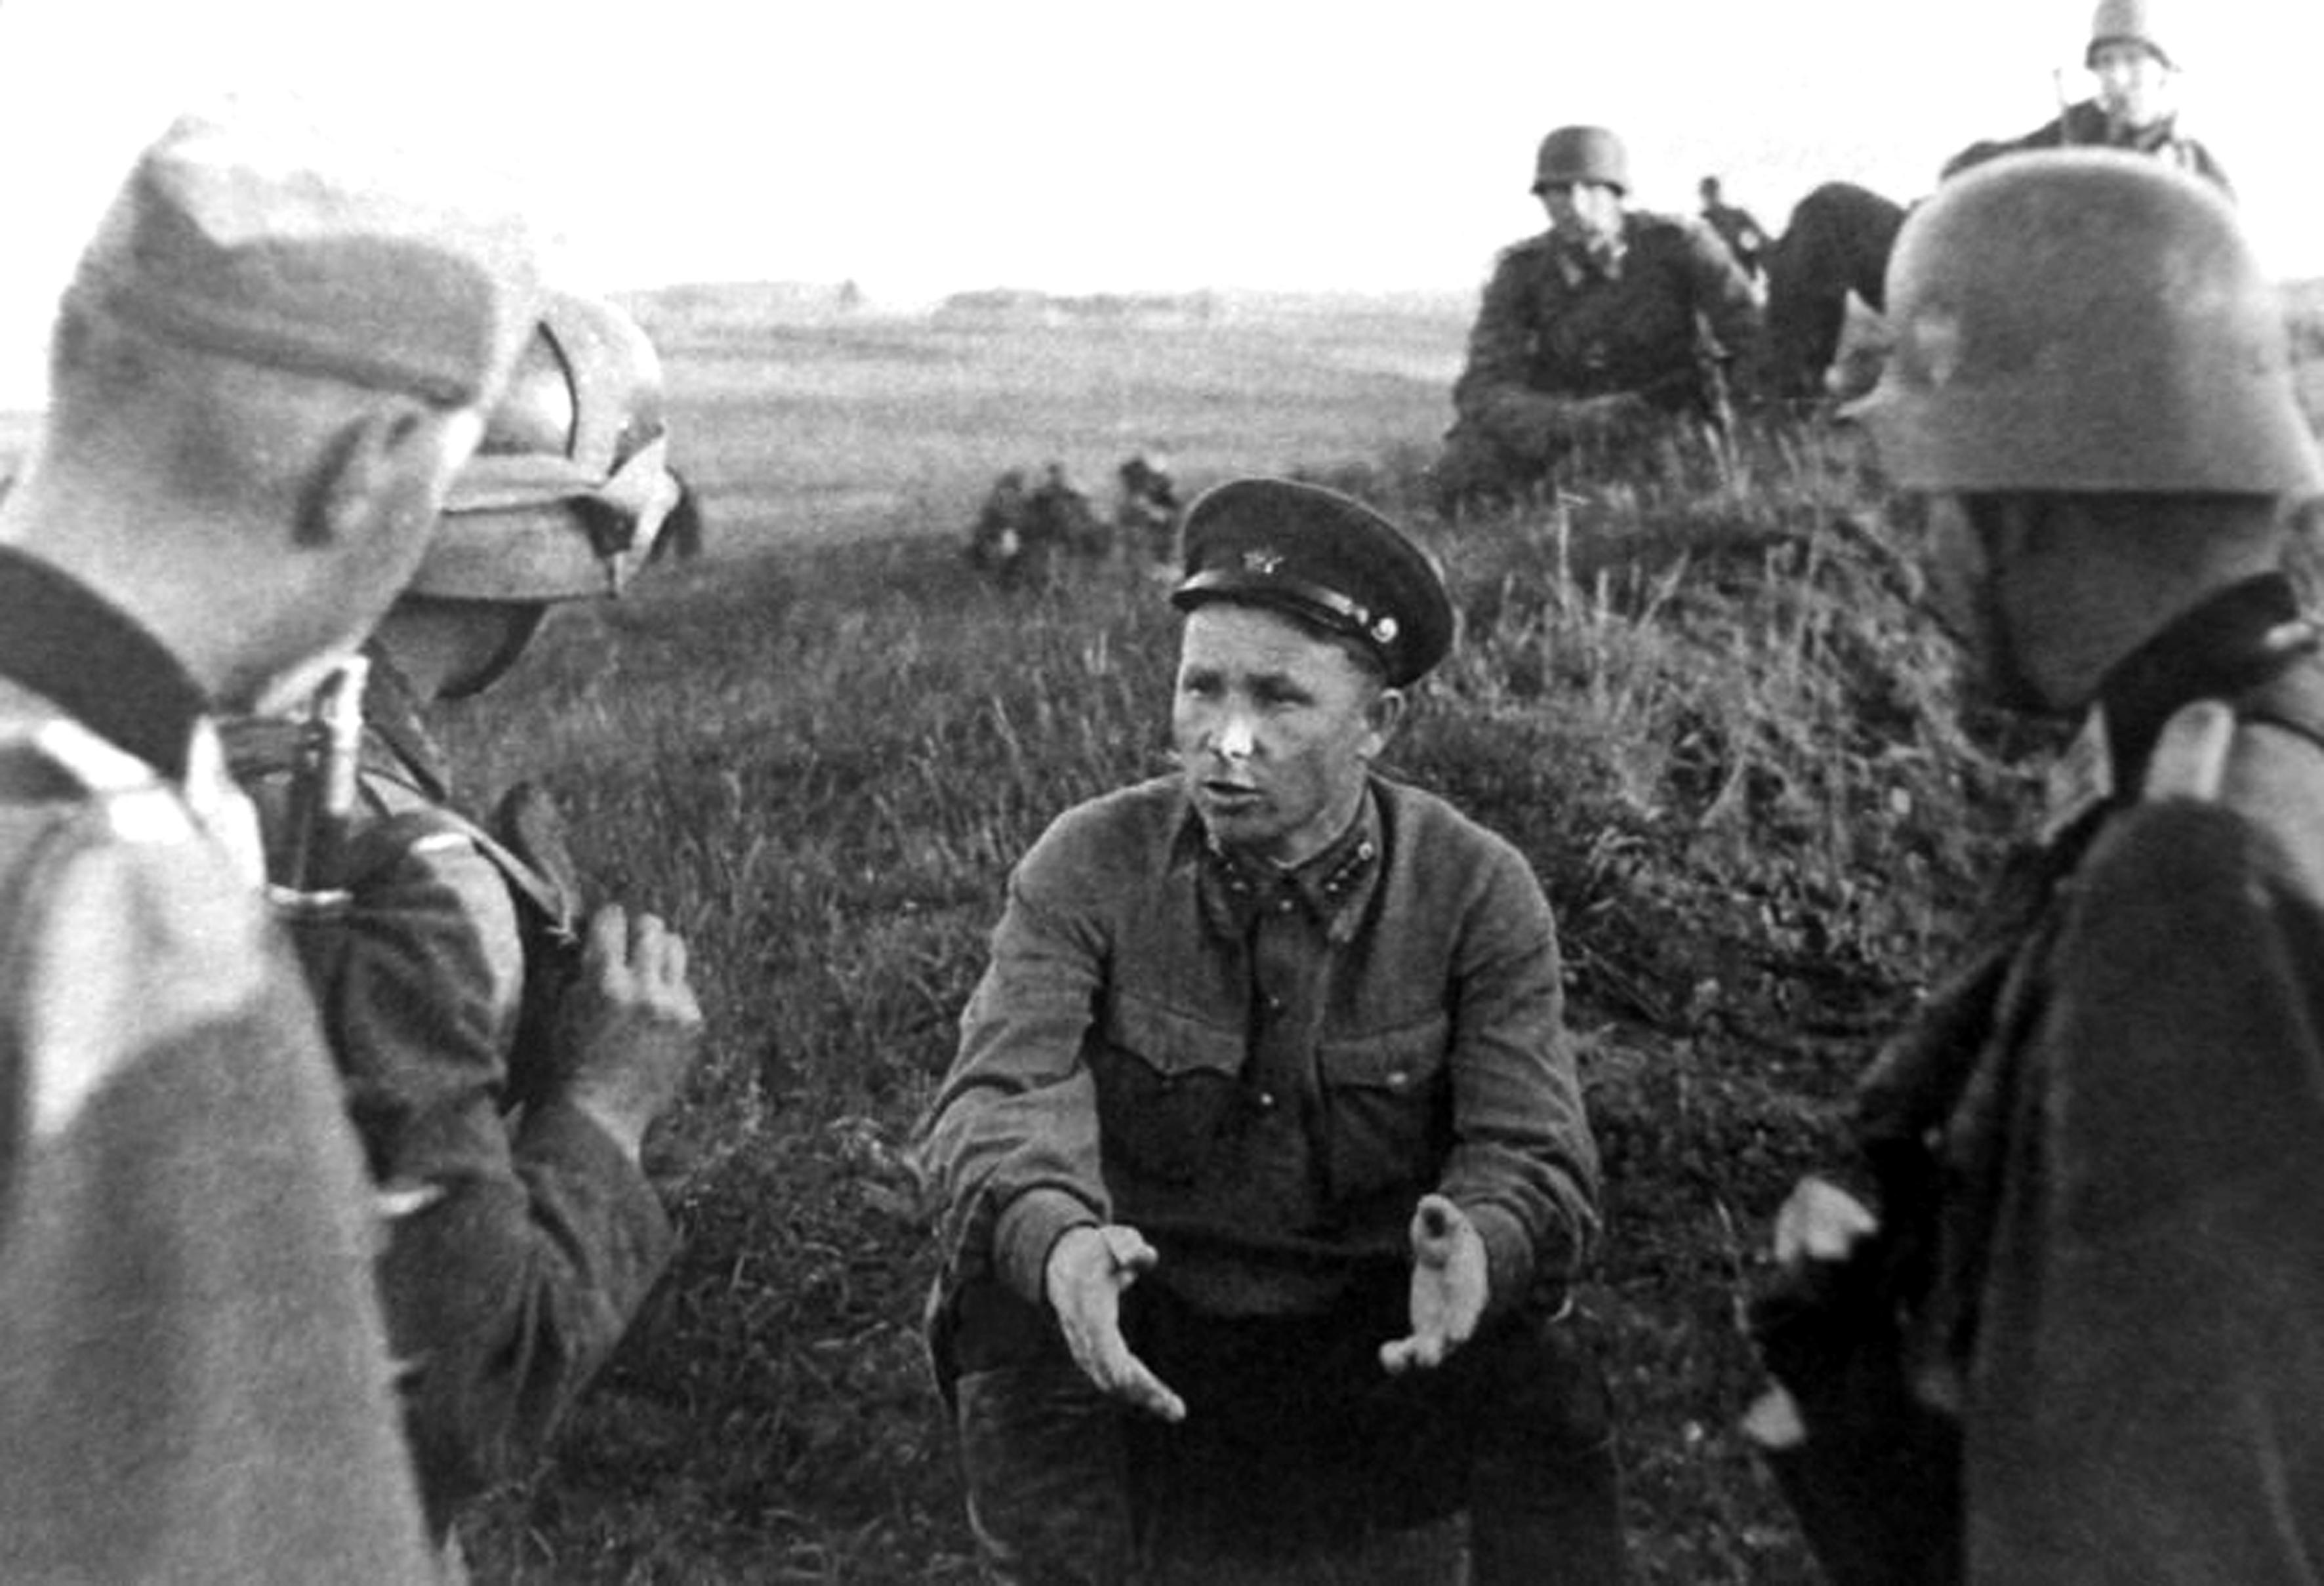 http://www.imageup.ru/img32/2639425/nemeckie-oficery-doprashivayut-sovetskogo-politruka-pogranichnika-popavshego-v-plen-v-raj.jpg